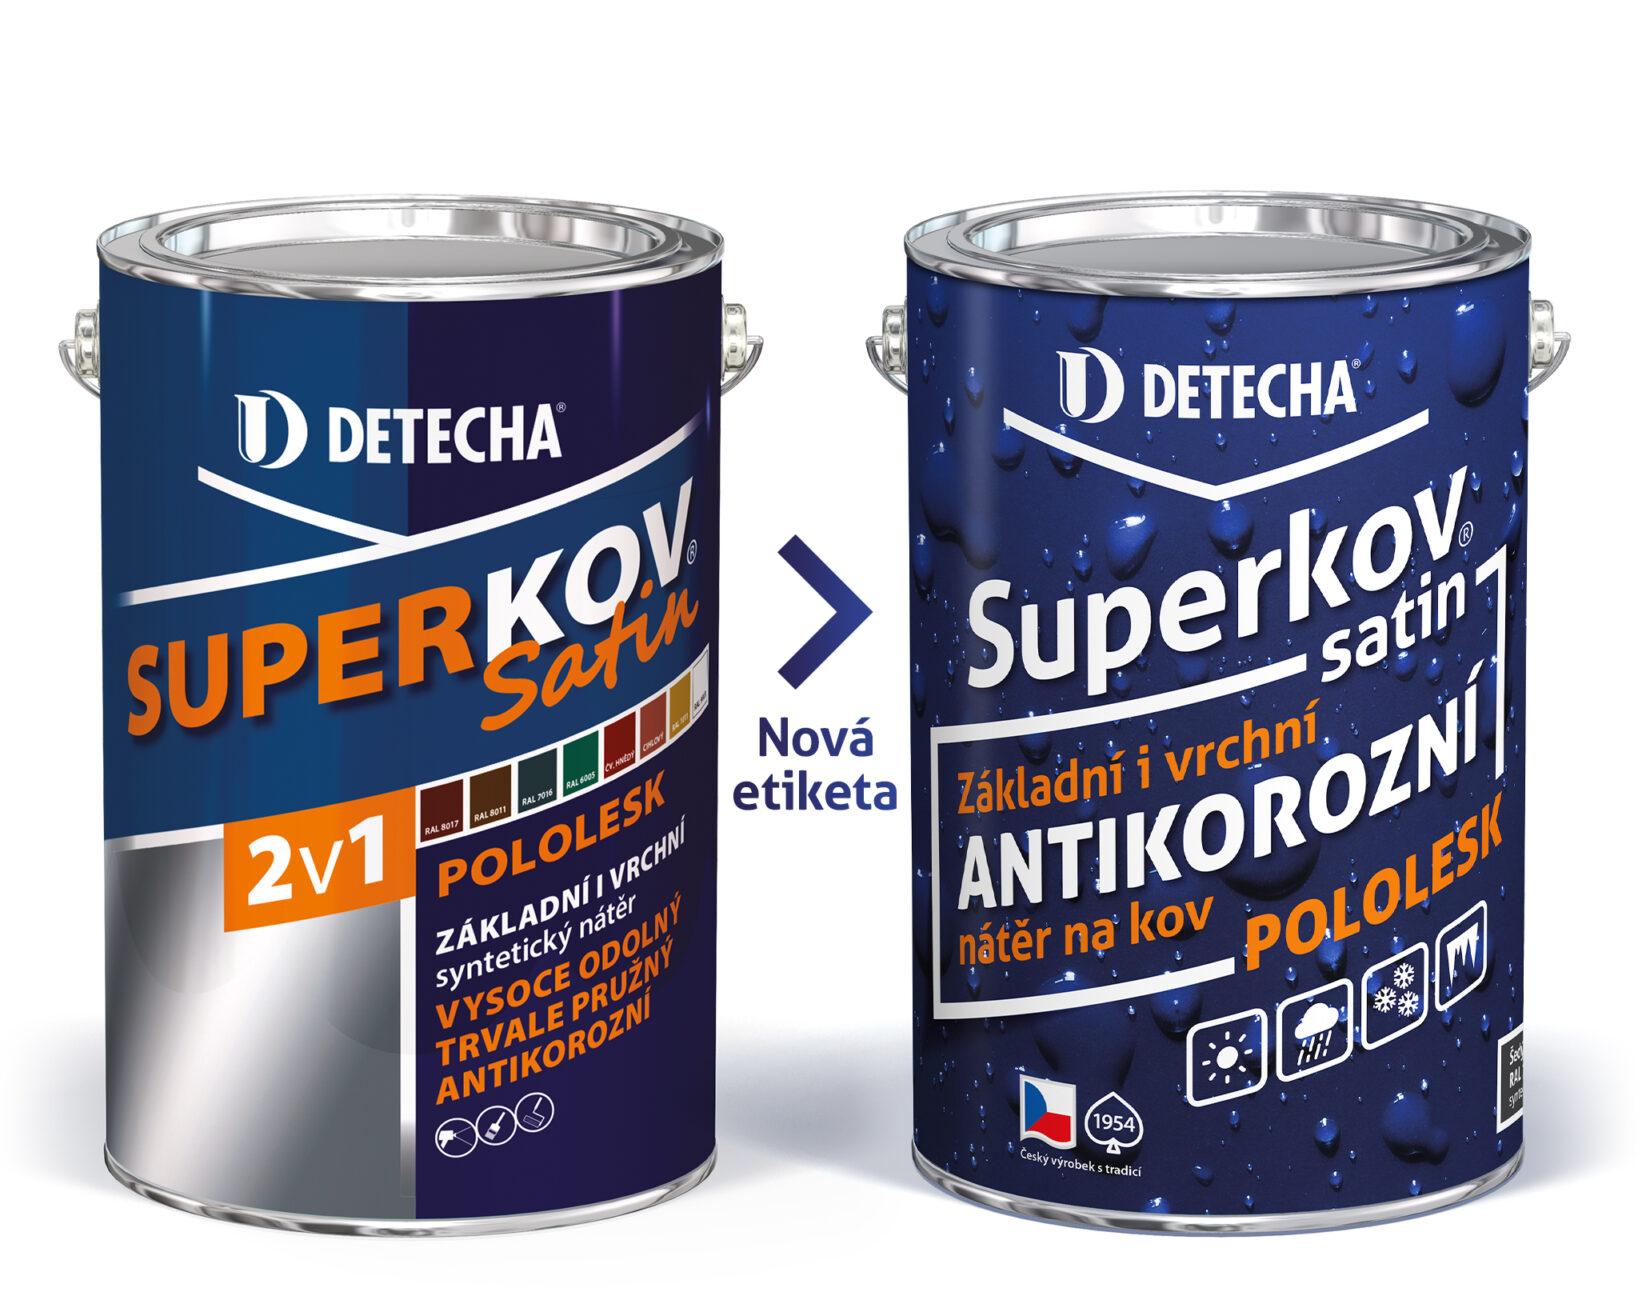 Detecha Superkov satin 5 kg